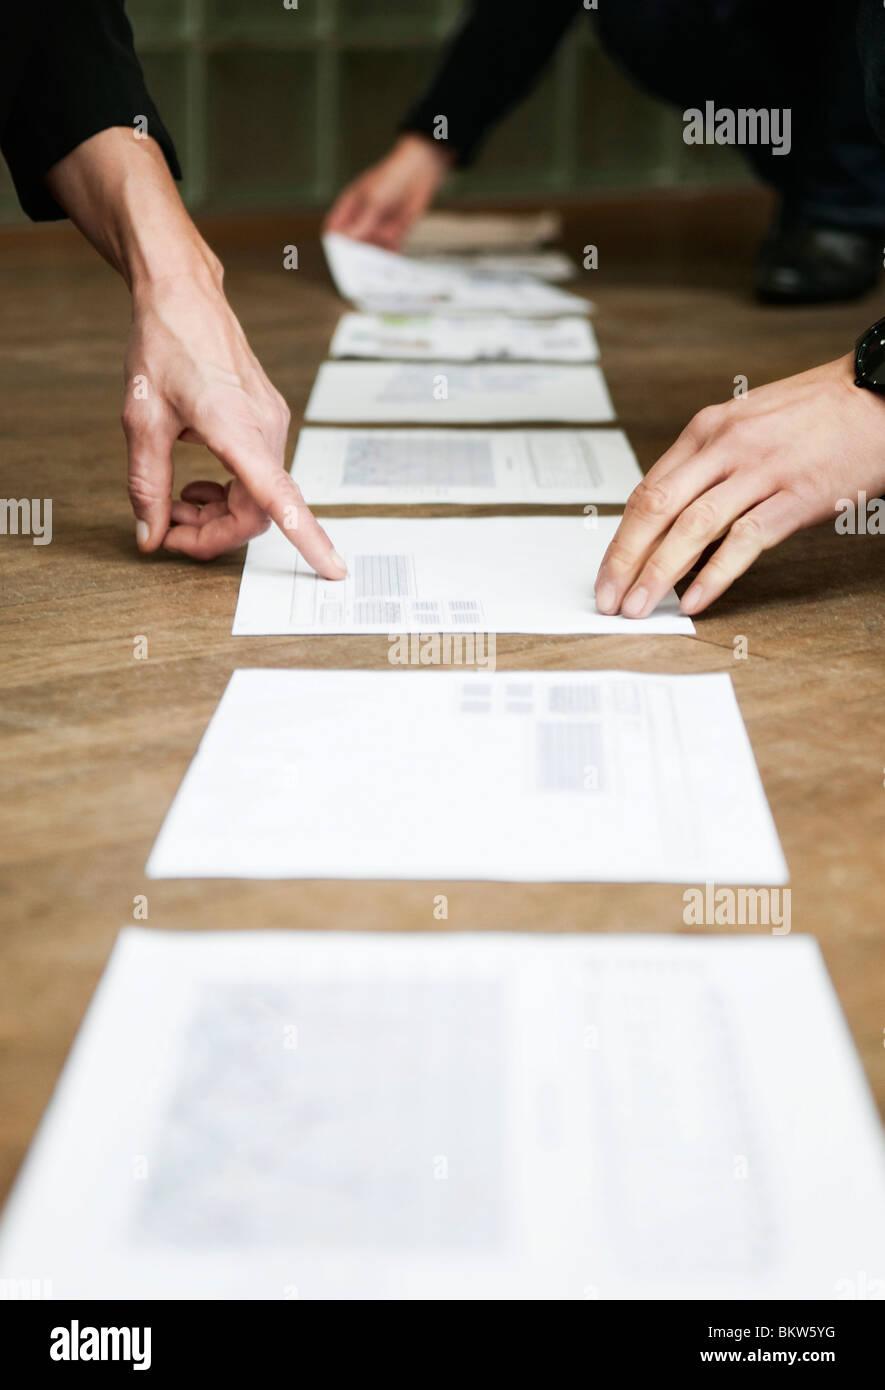 Documents on floor - Stock Image